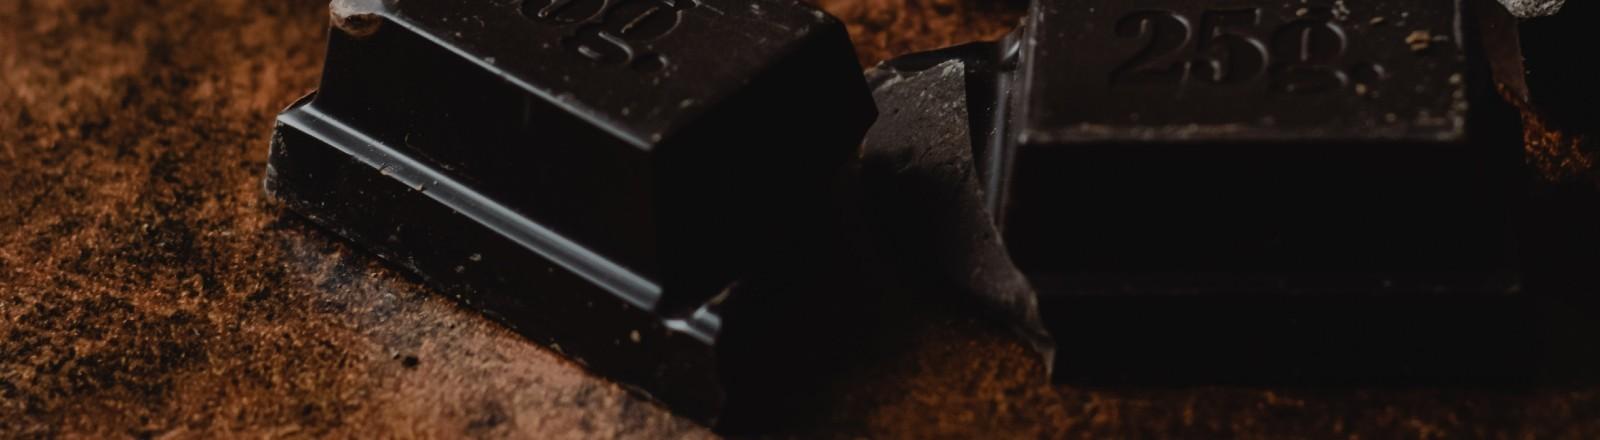 Eine Nahaufnahme einer dunklen Schokolade